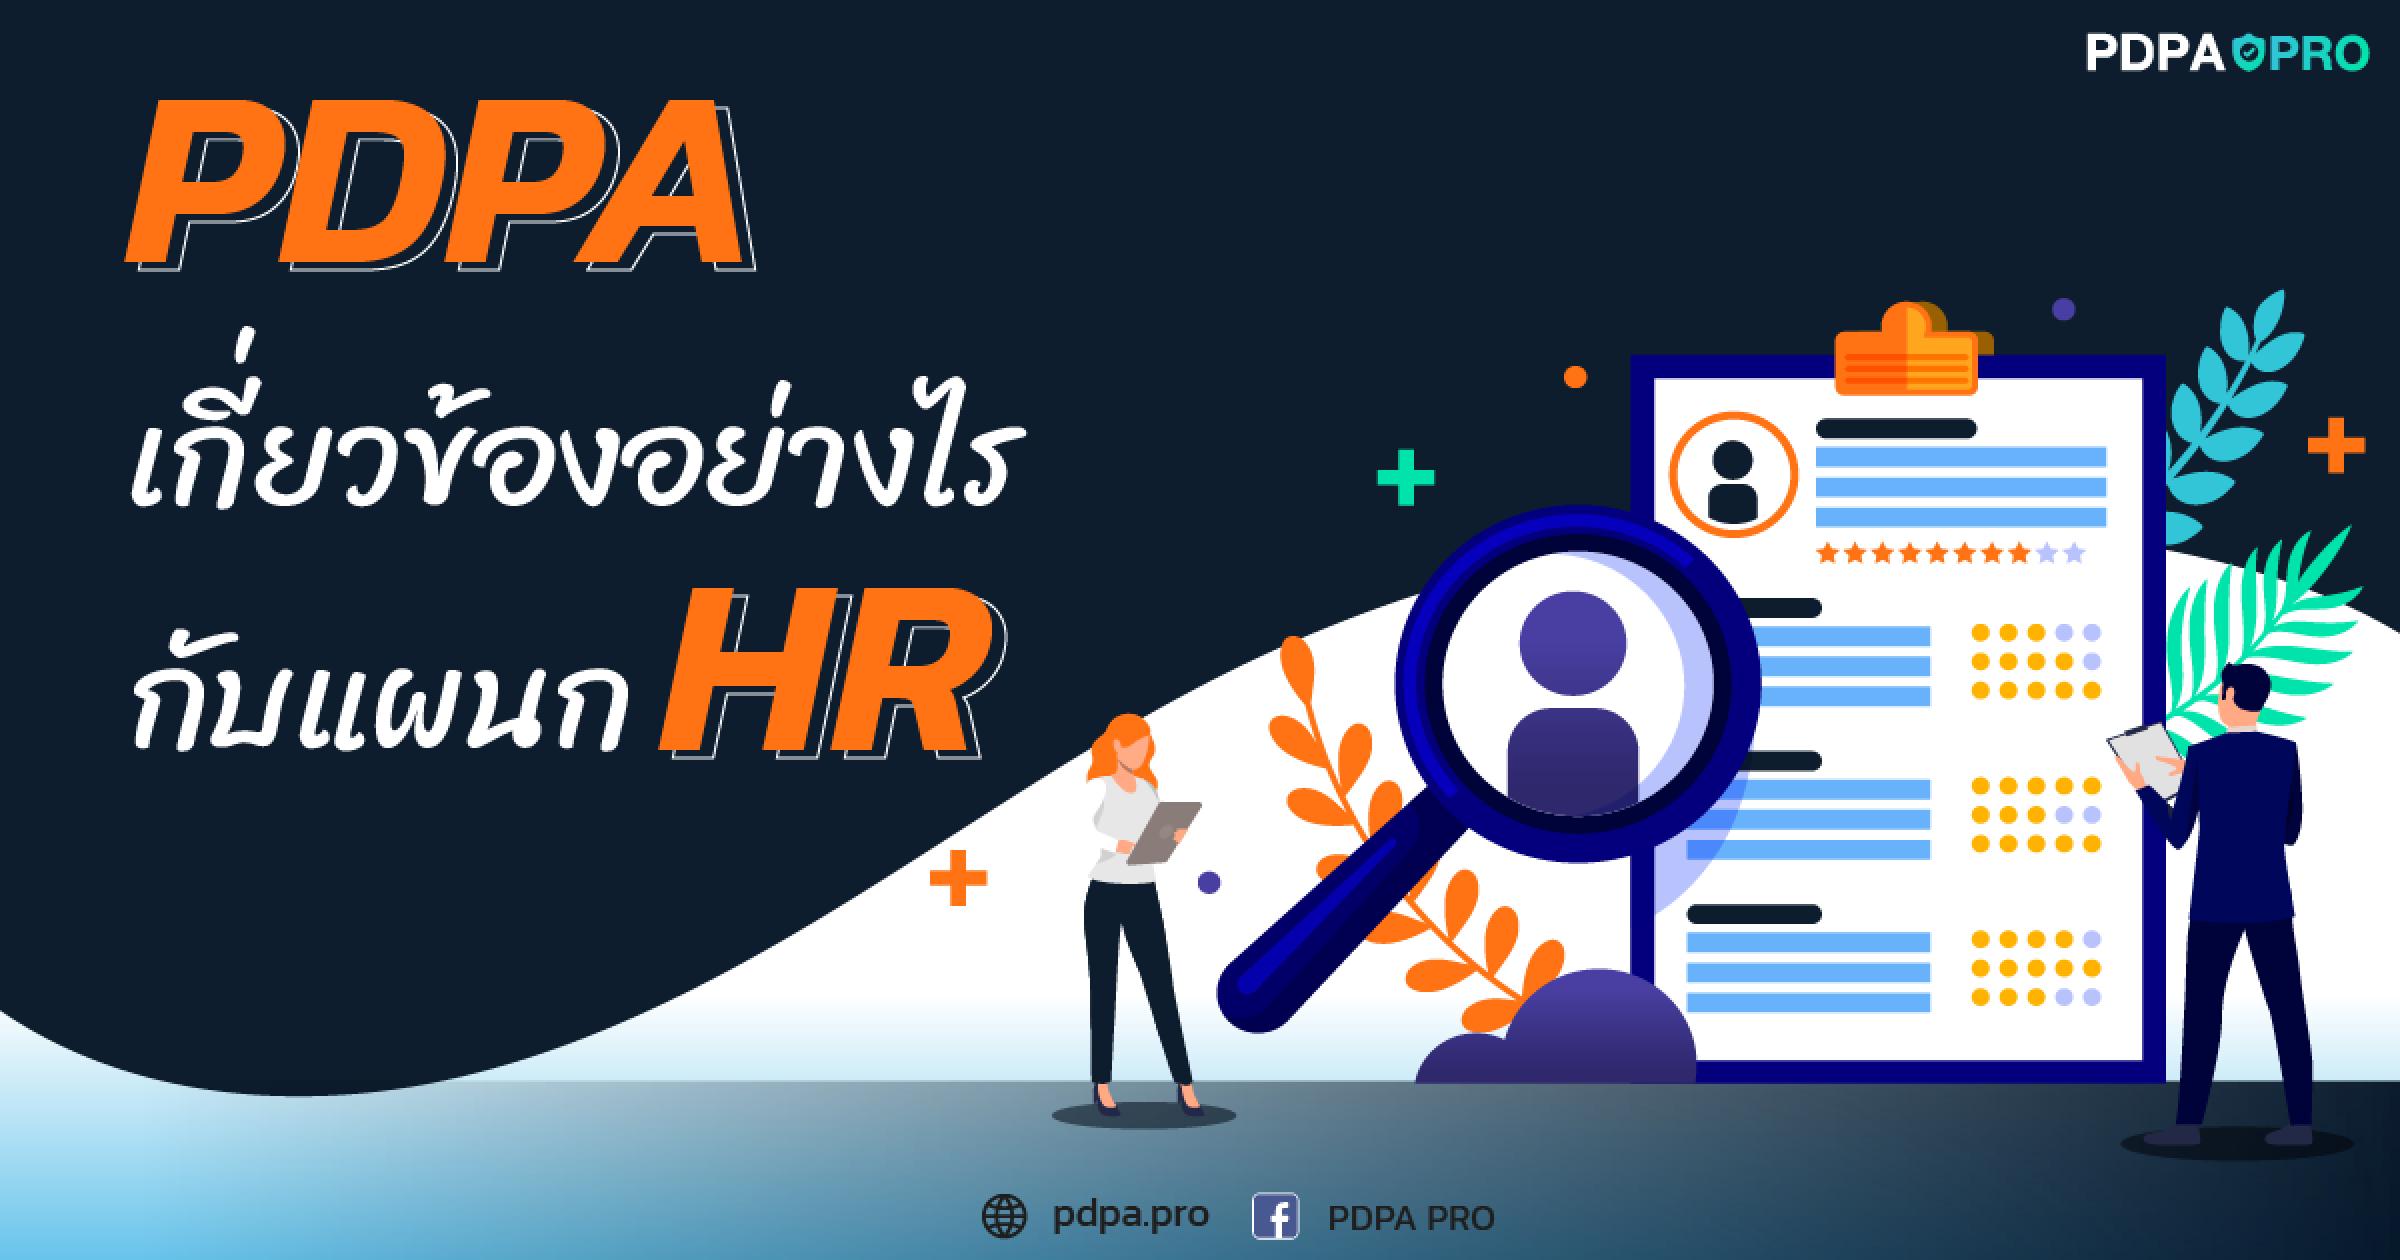 PDPA เกี่ยวข้องอย่างไรกับแผนก HR